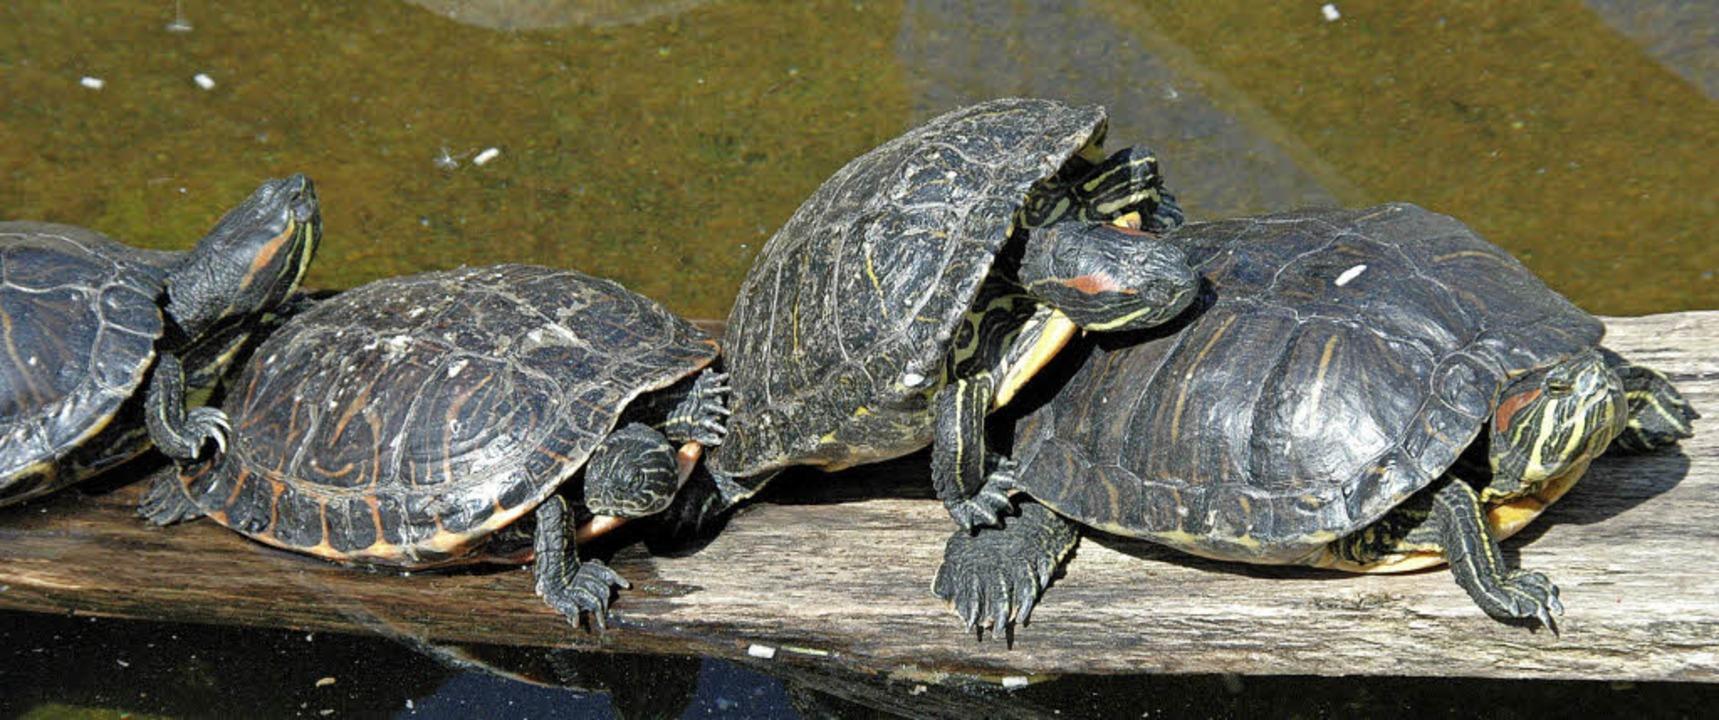 Drängeleien bleiben bei  Schildkröten dank guter Panzerung folgenlos.    Foto: Hubert Bleyer